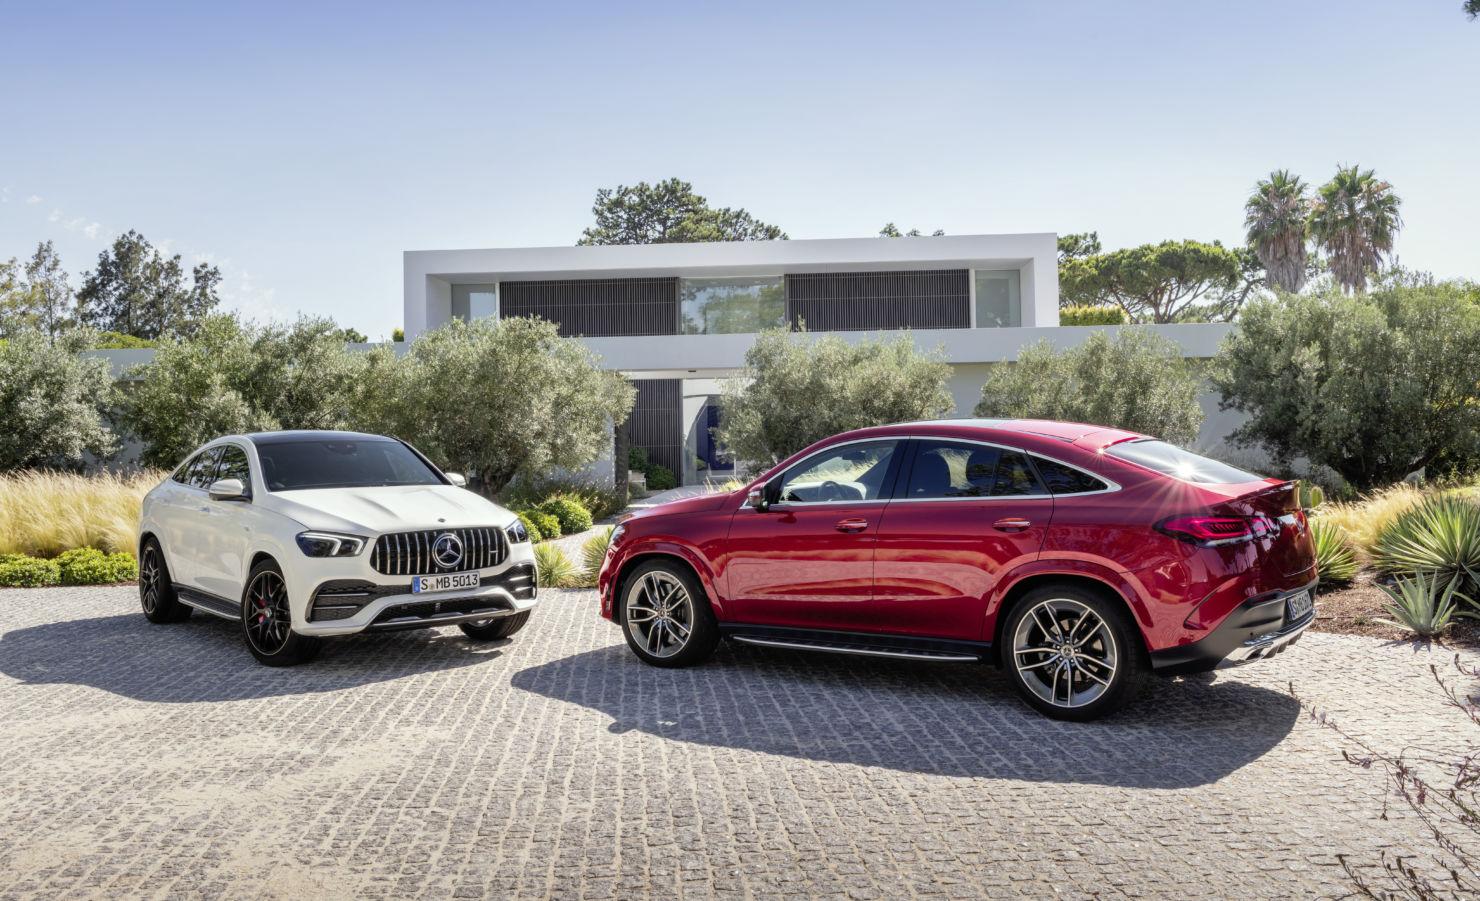 Mercedes-Benz presentan  GLS y GLE Coupé, las nueva s SUV's para toda la familia